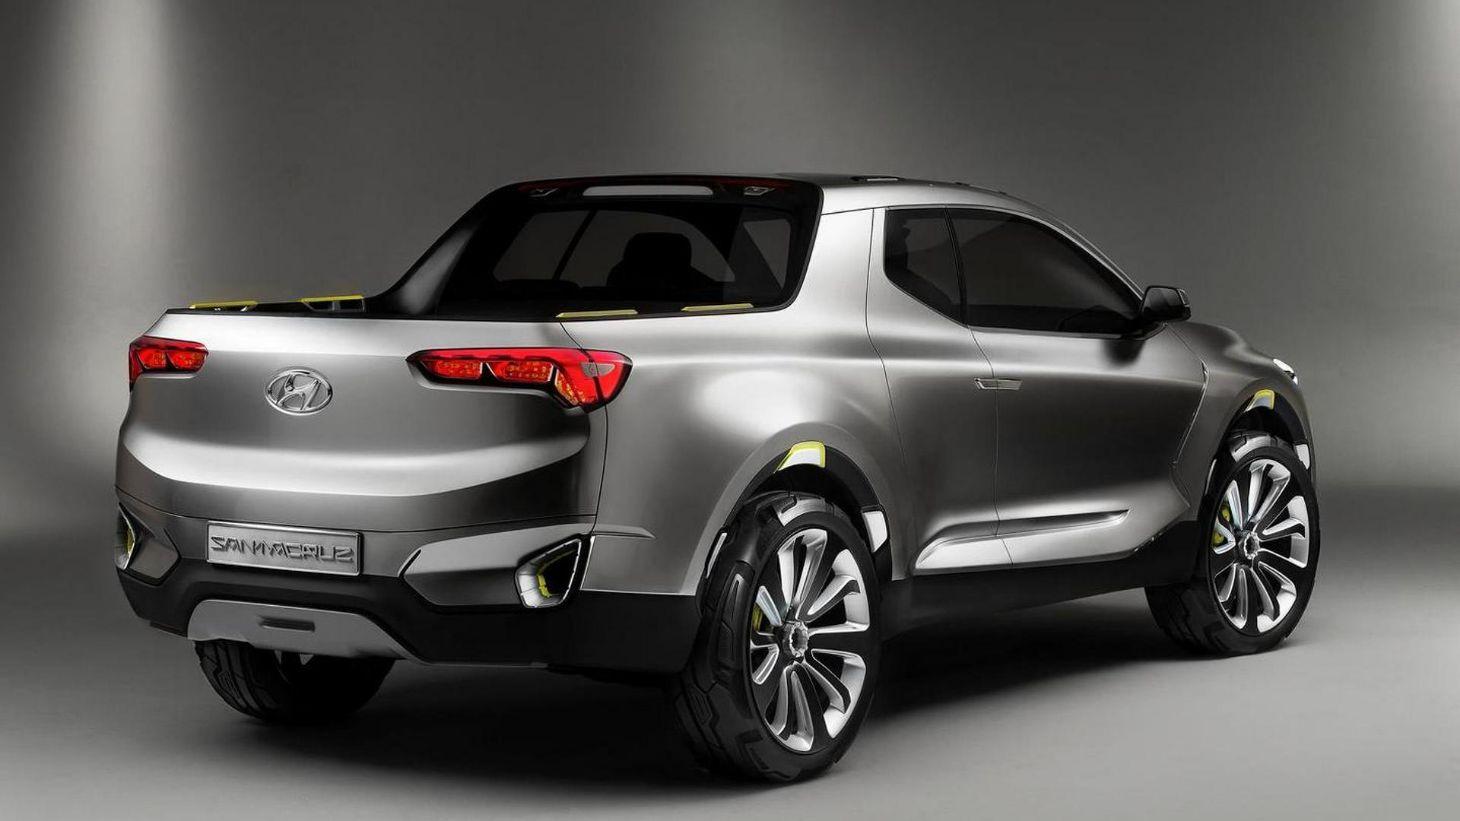 Picape da Hyundai é confirmada para 2020 pelo vice-presidente de planejamento de produtos da marca. Produção será realizada nos Estados Unidos.